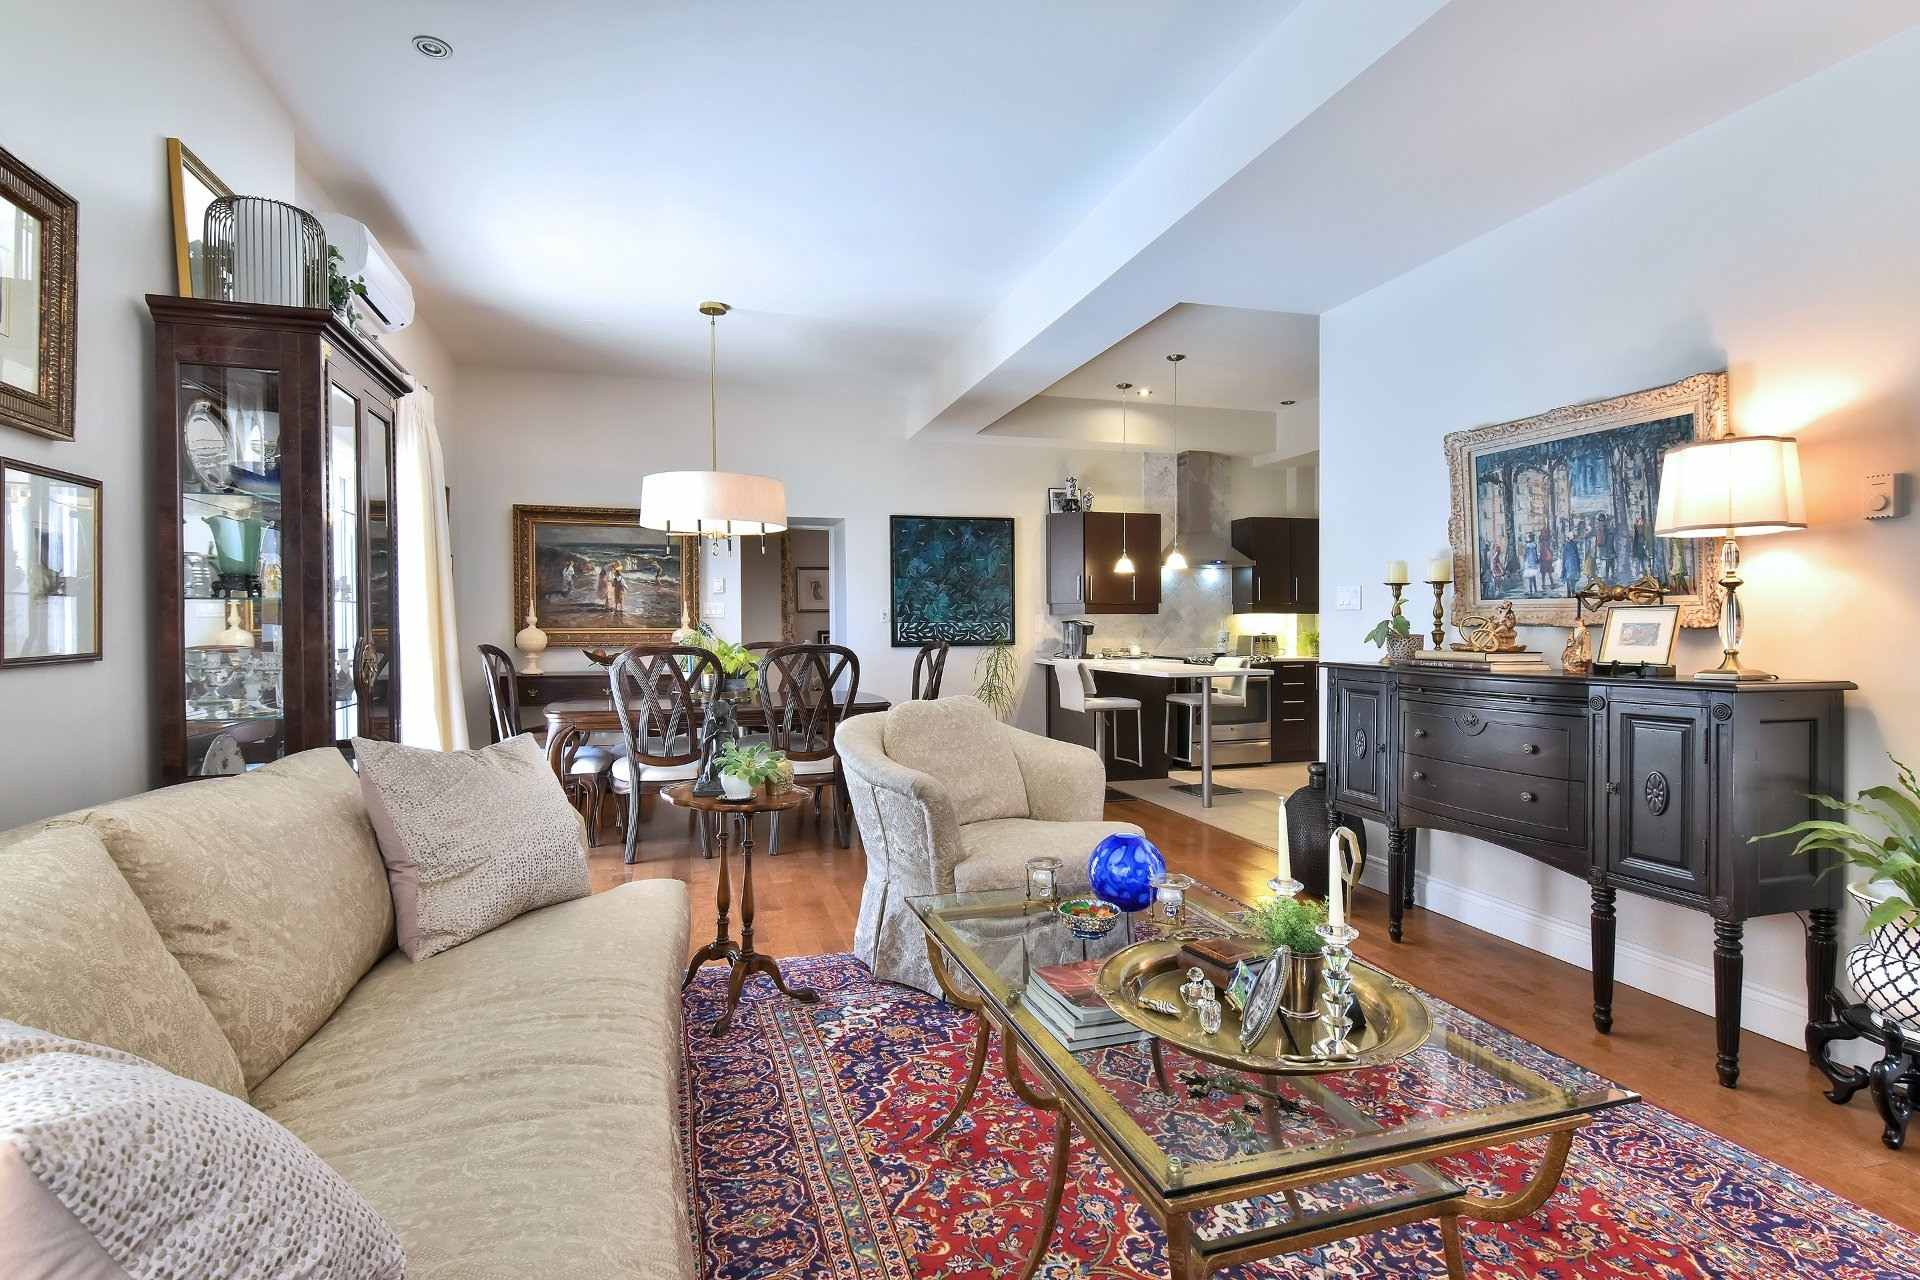 image 0 - 公寓 出售 Côte-des-Neiges/Notre-Dame-de-Grâce Montréal  - 5 室